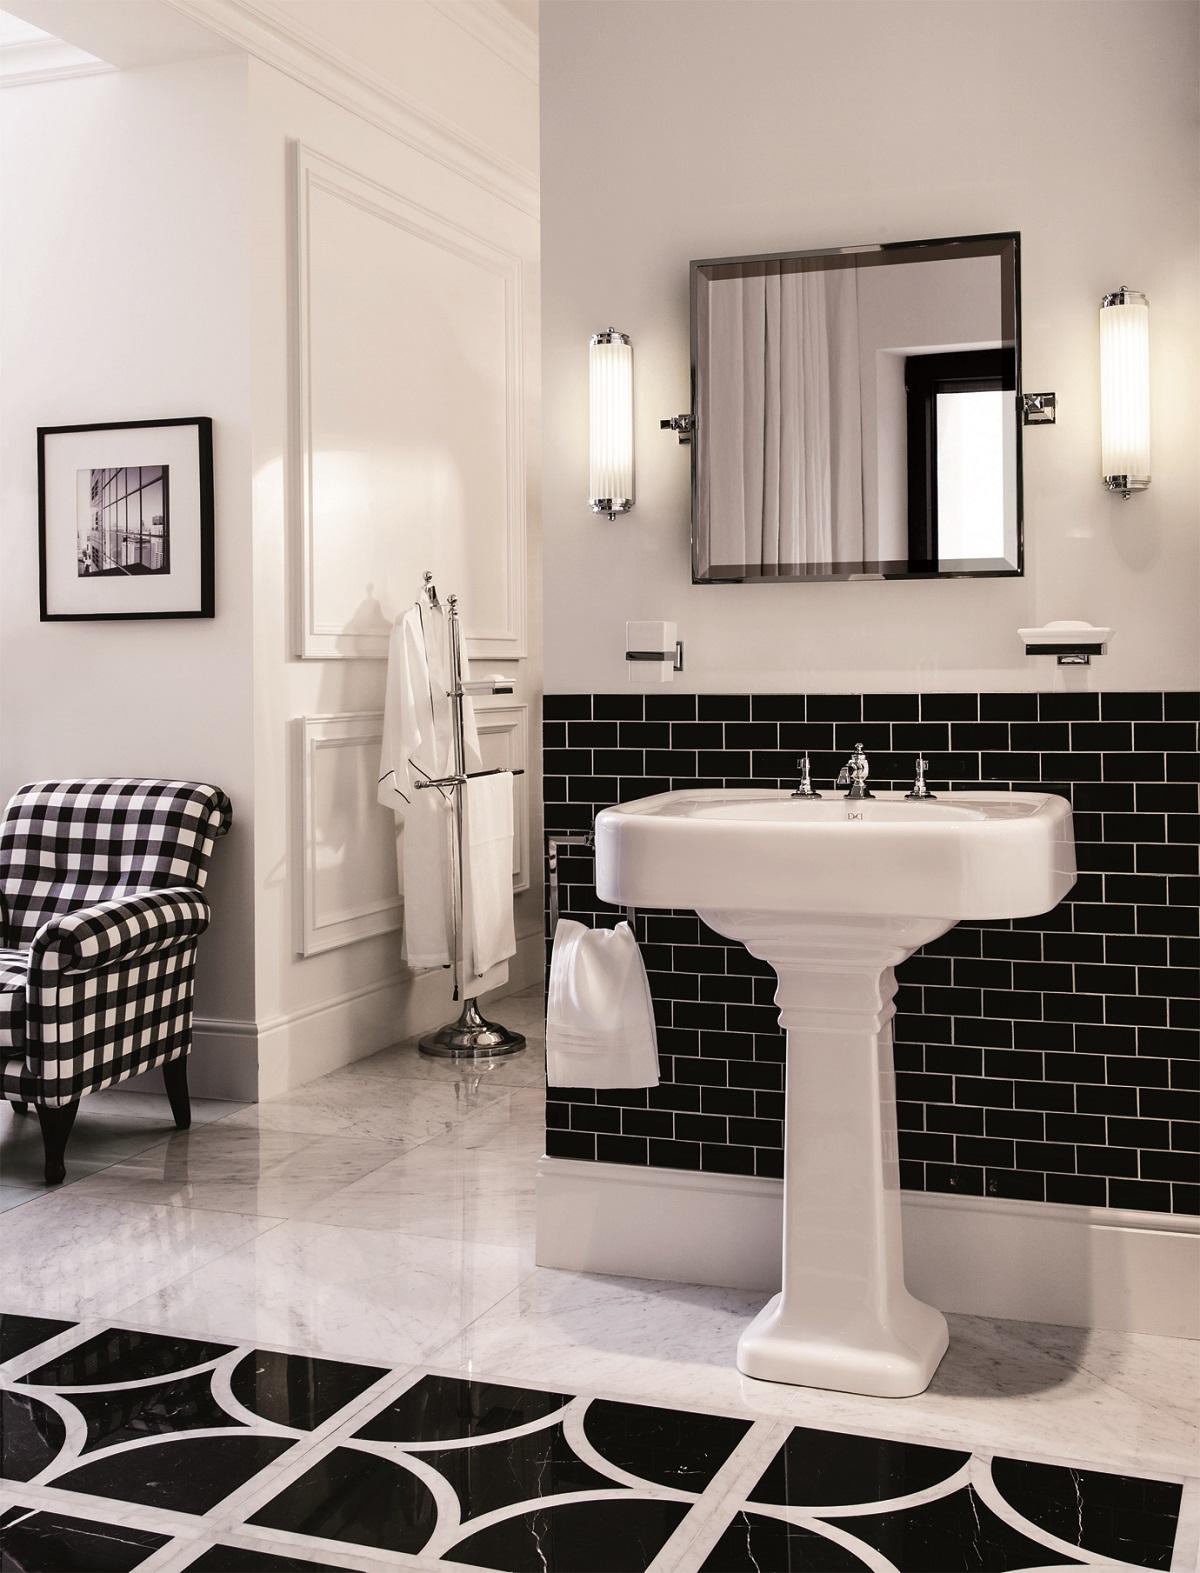 Ba os modernos y de dise o estilos innovadores en gunni - Disenar cuarto de bano ...